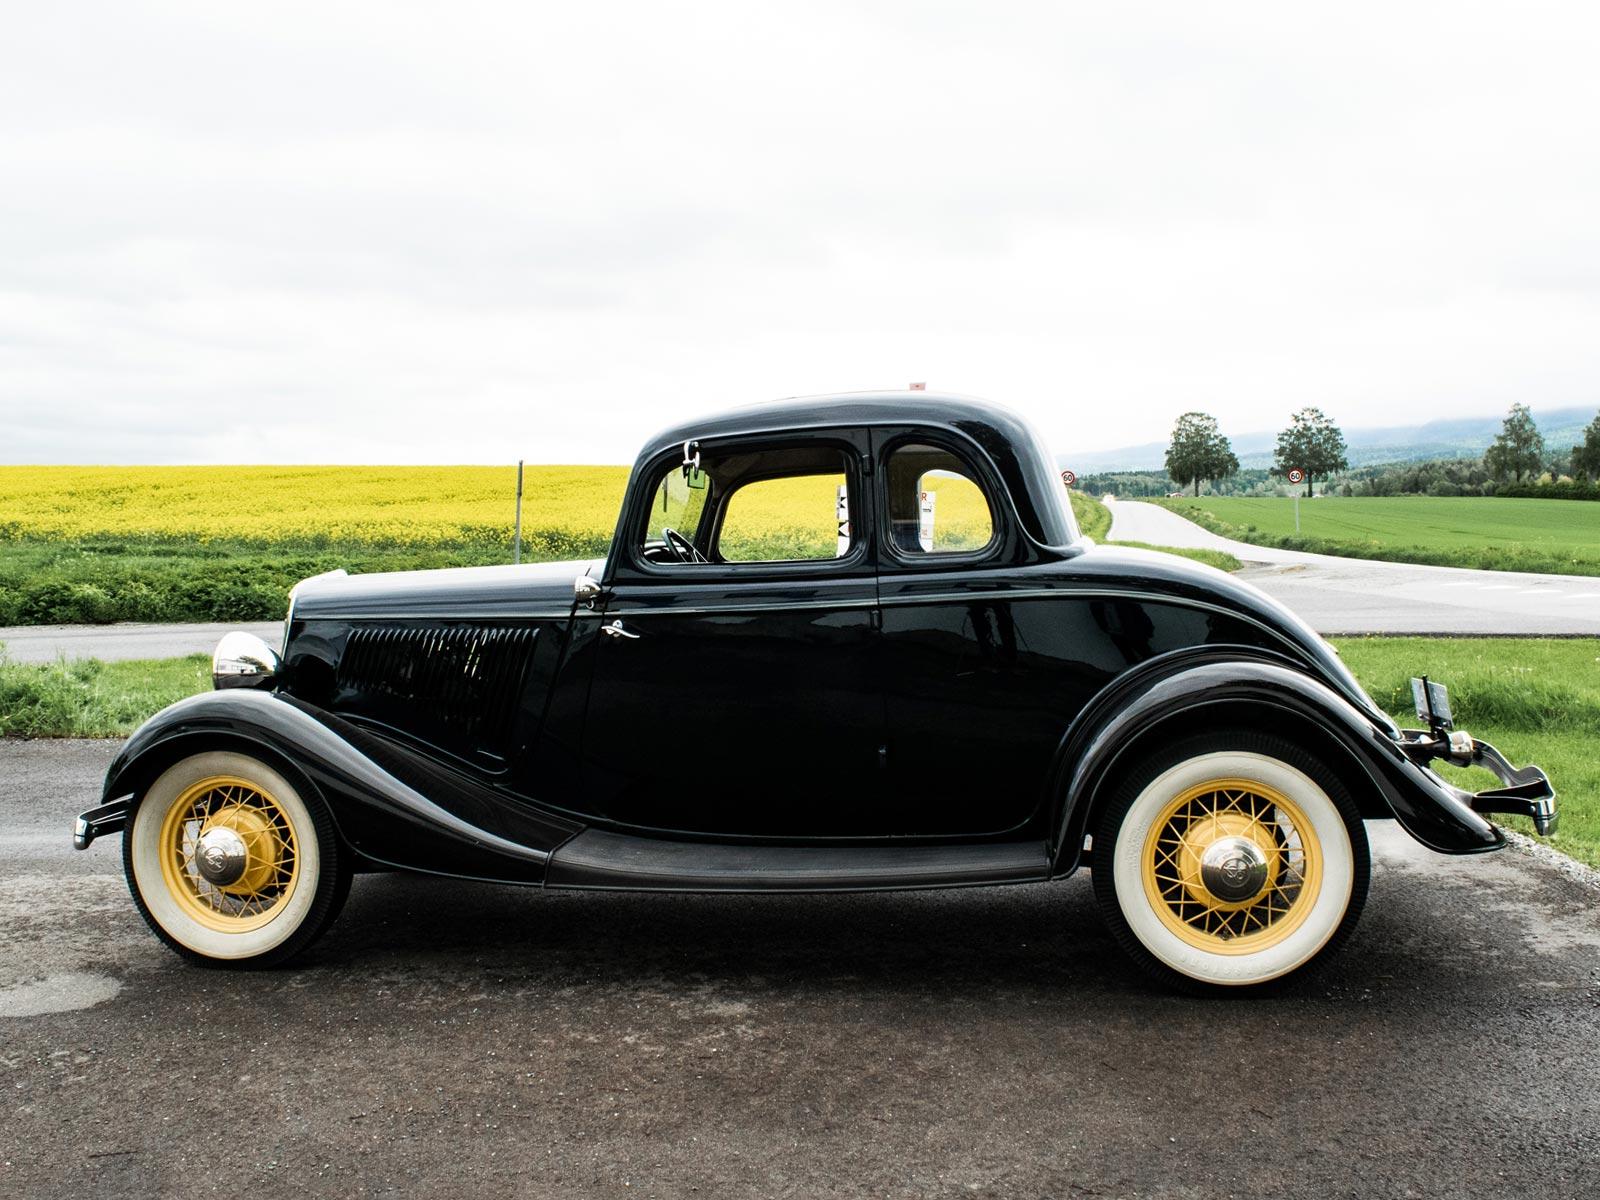 Ford B V8 Coupe 1934 modell. Se vårt utvalg av biler